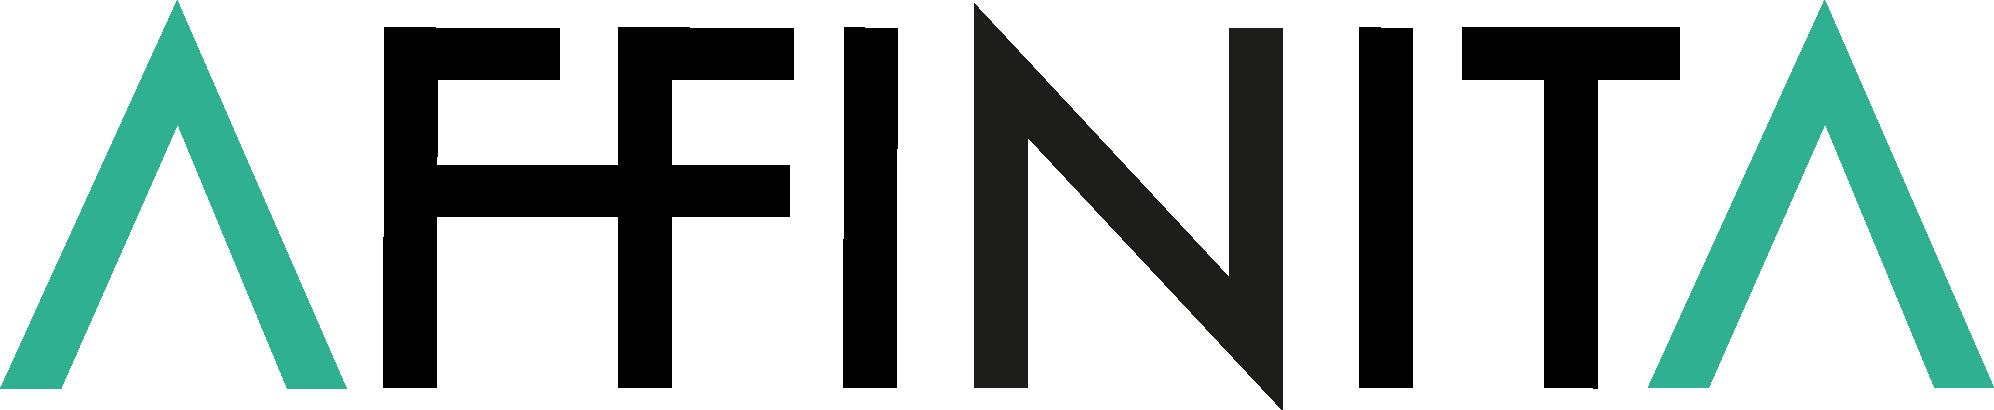 Affinità_RGB (1)